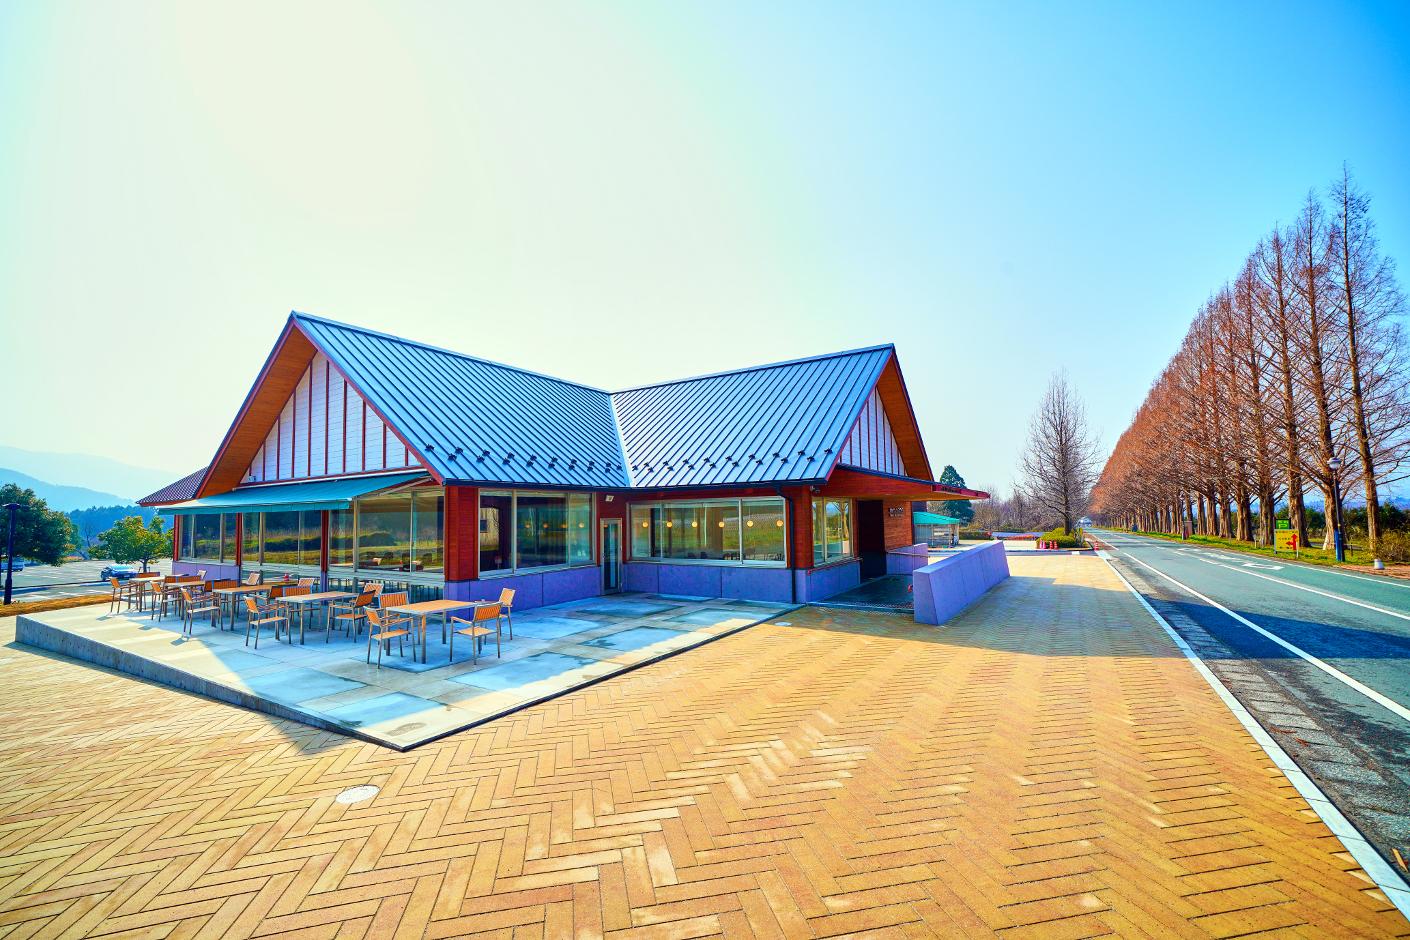 並木カフェ メタセコイア 竣工写真